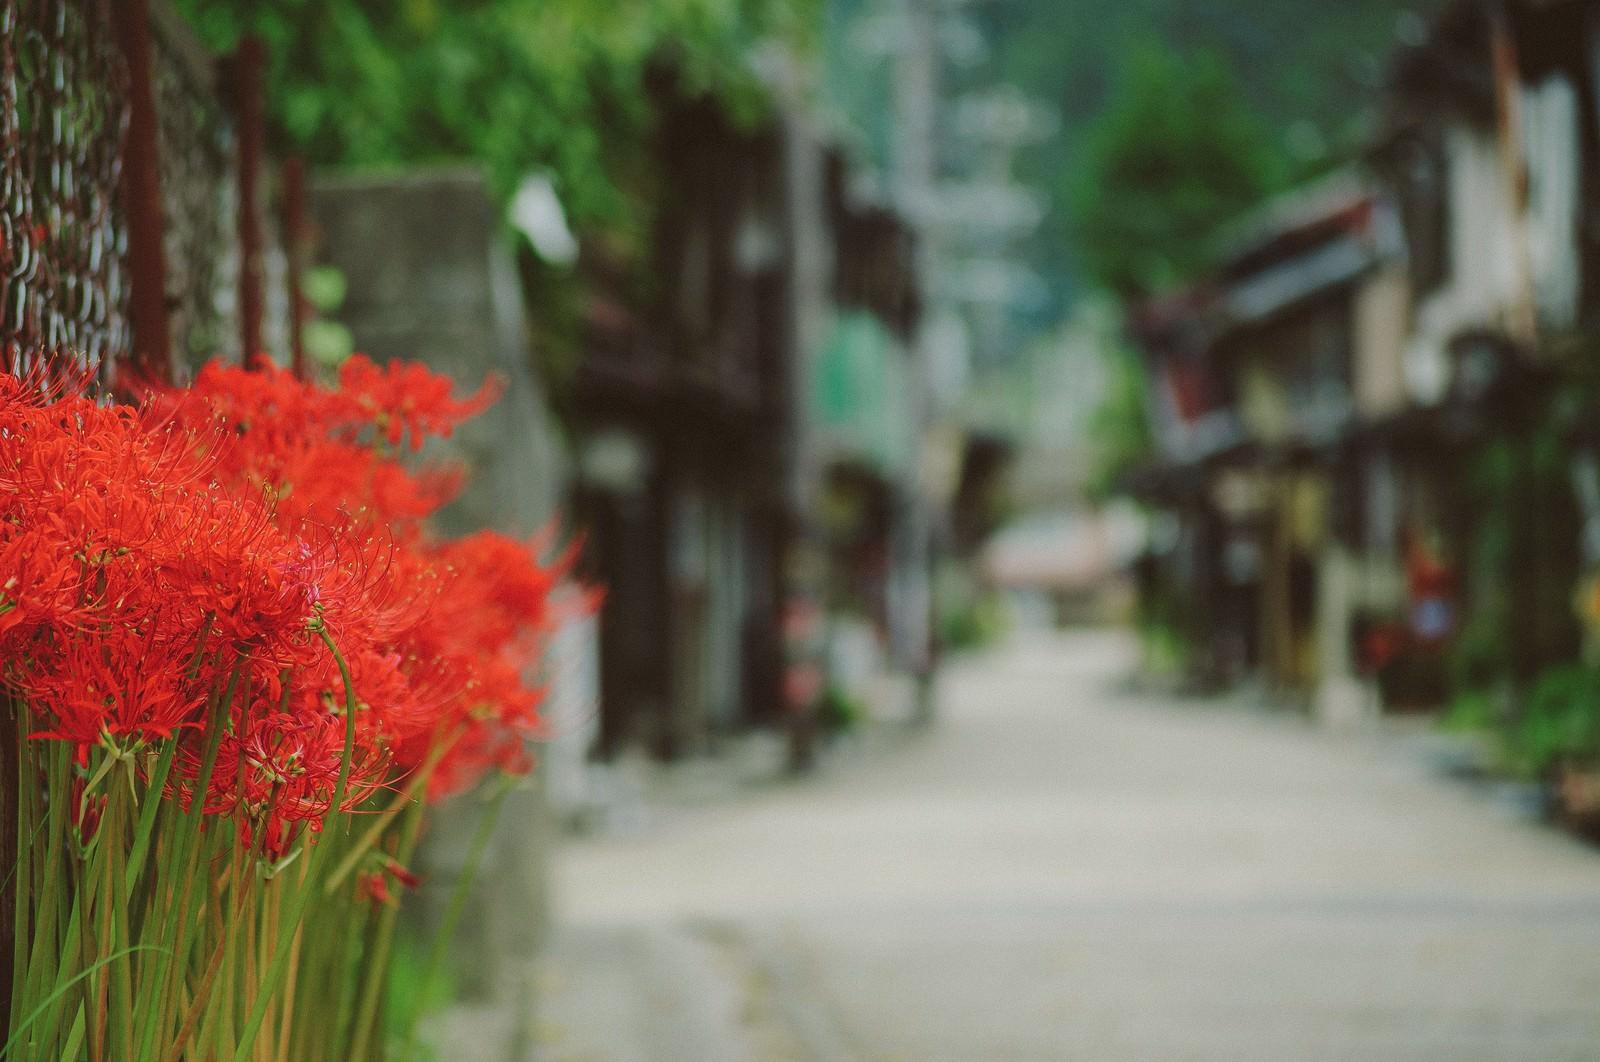 「郡上八幡の街並みと彼岸花」の写真